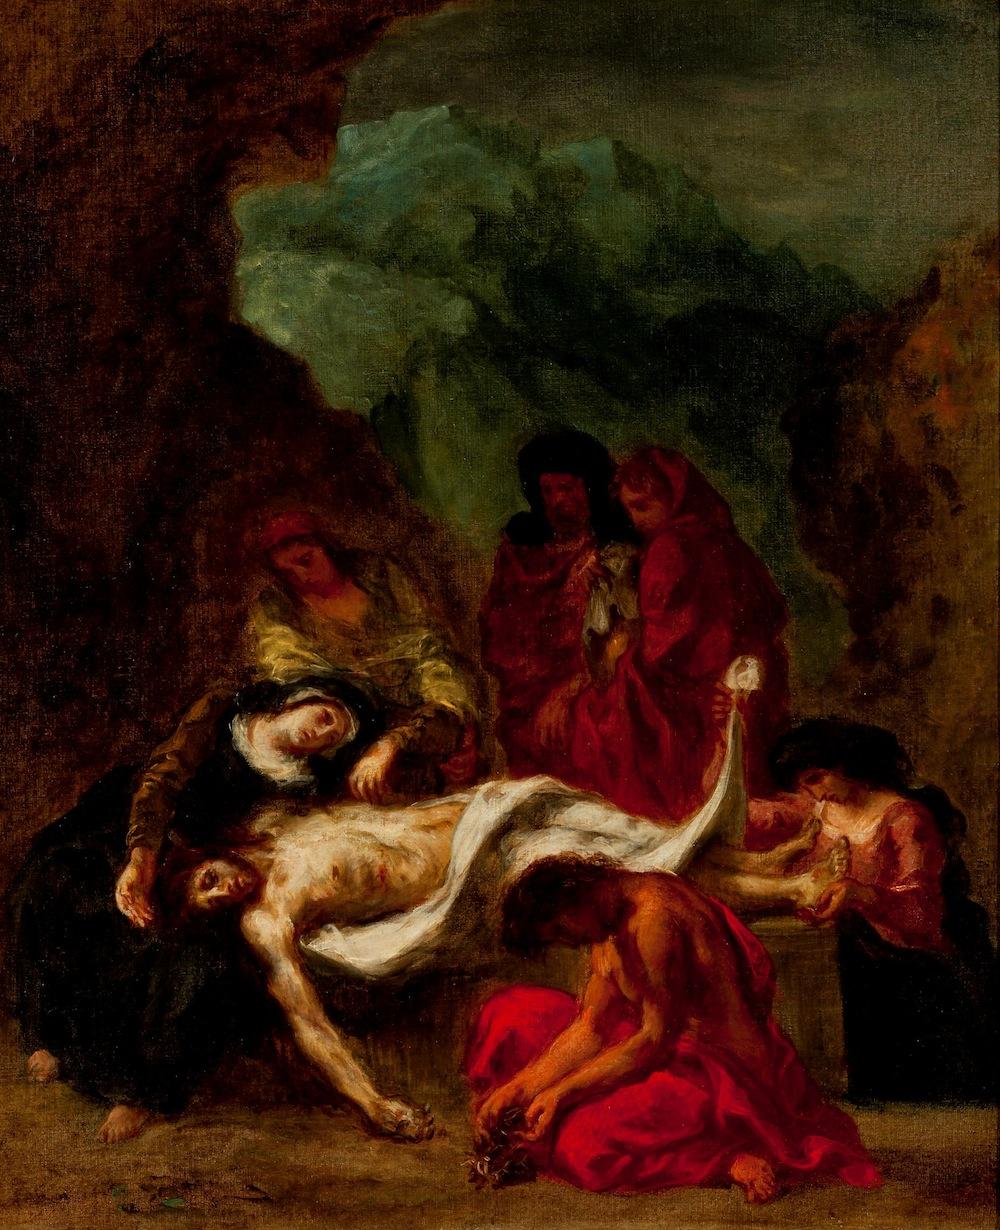 Plate 13, Delacroix, The Entombment